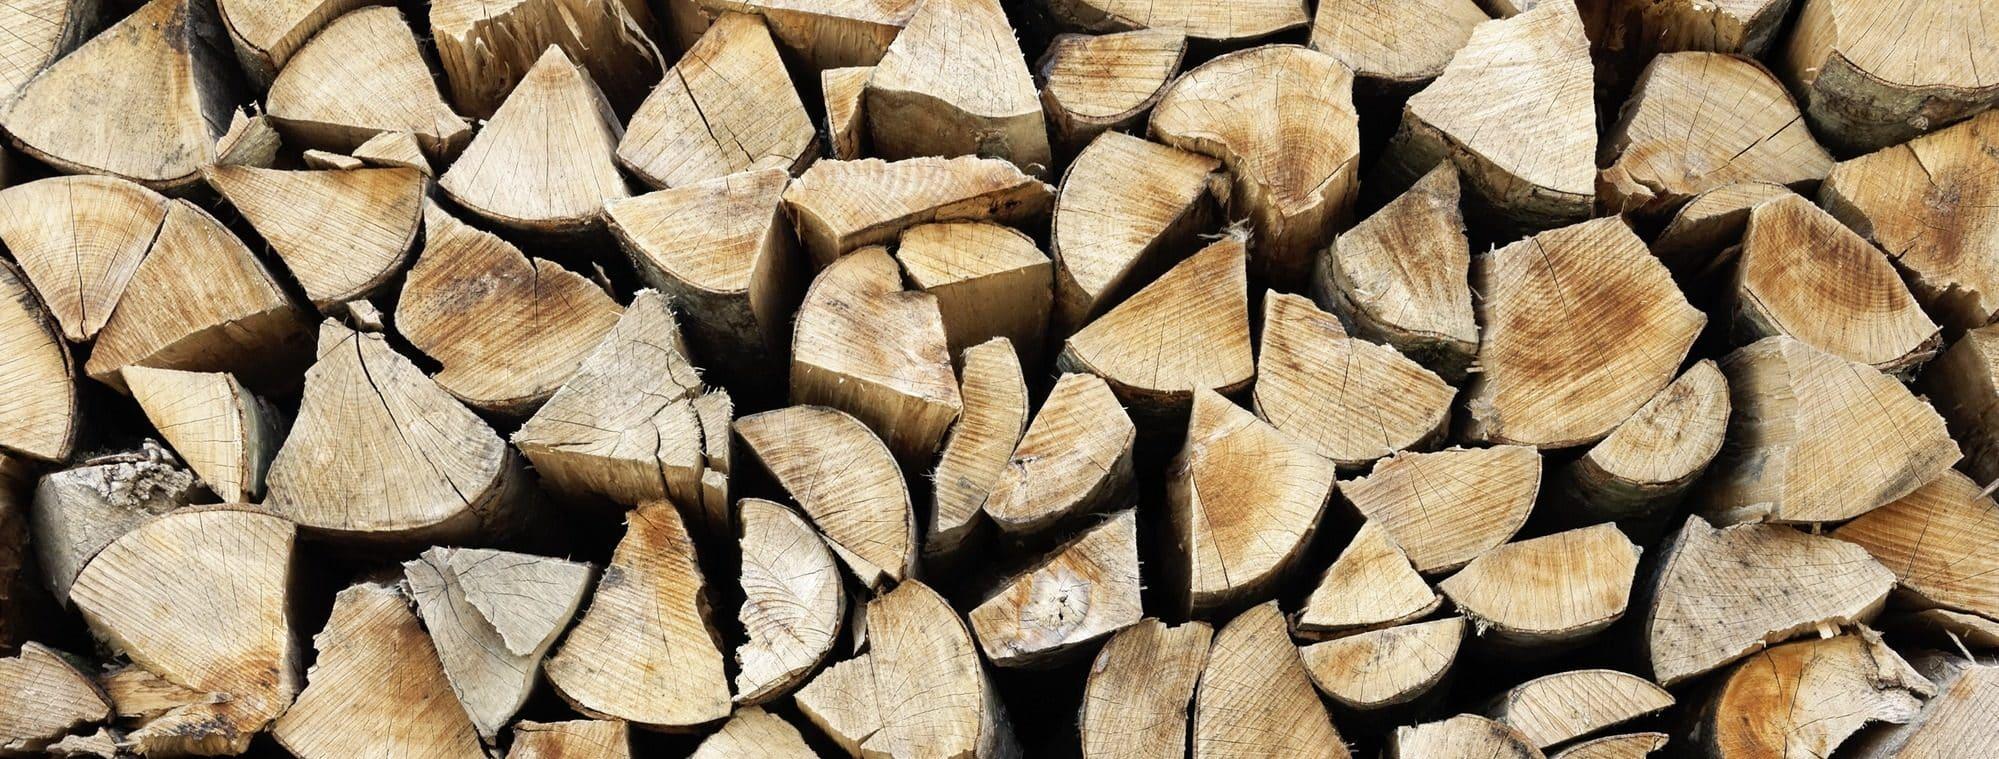 Quel est le prix d'un stère de bois de chauffage ?